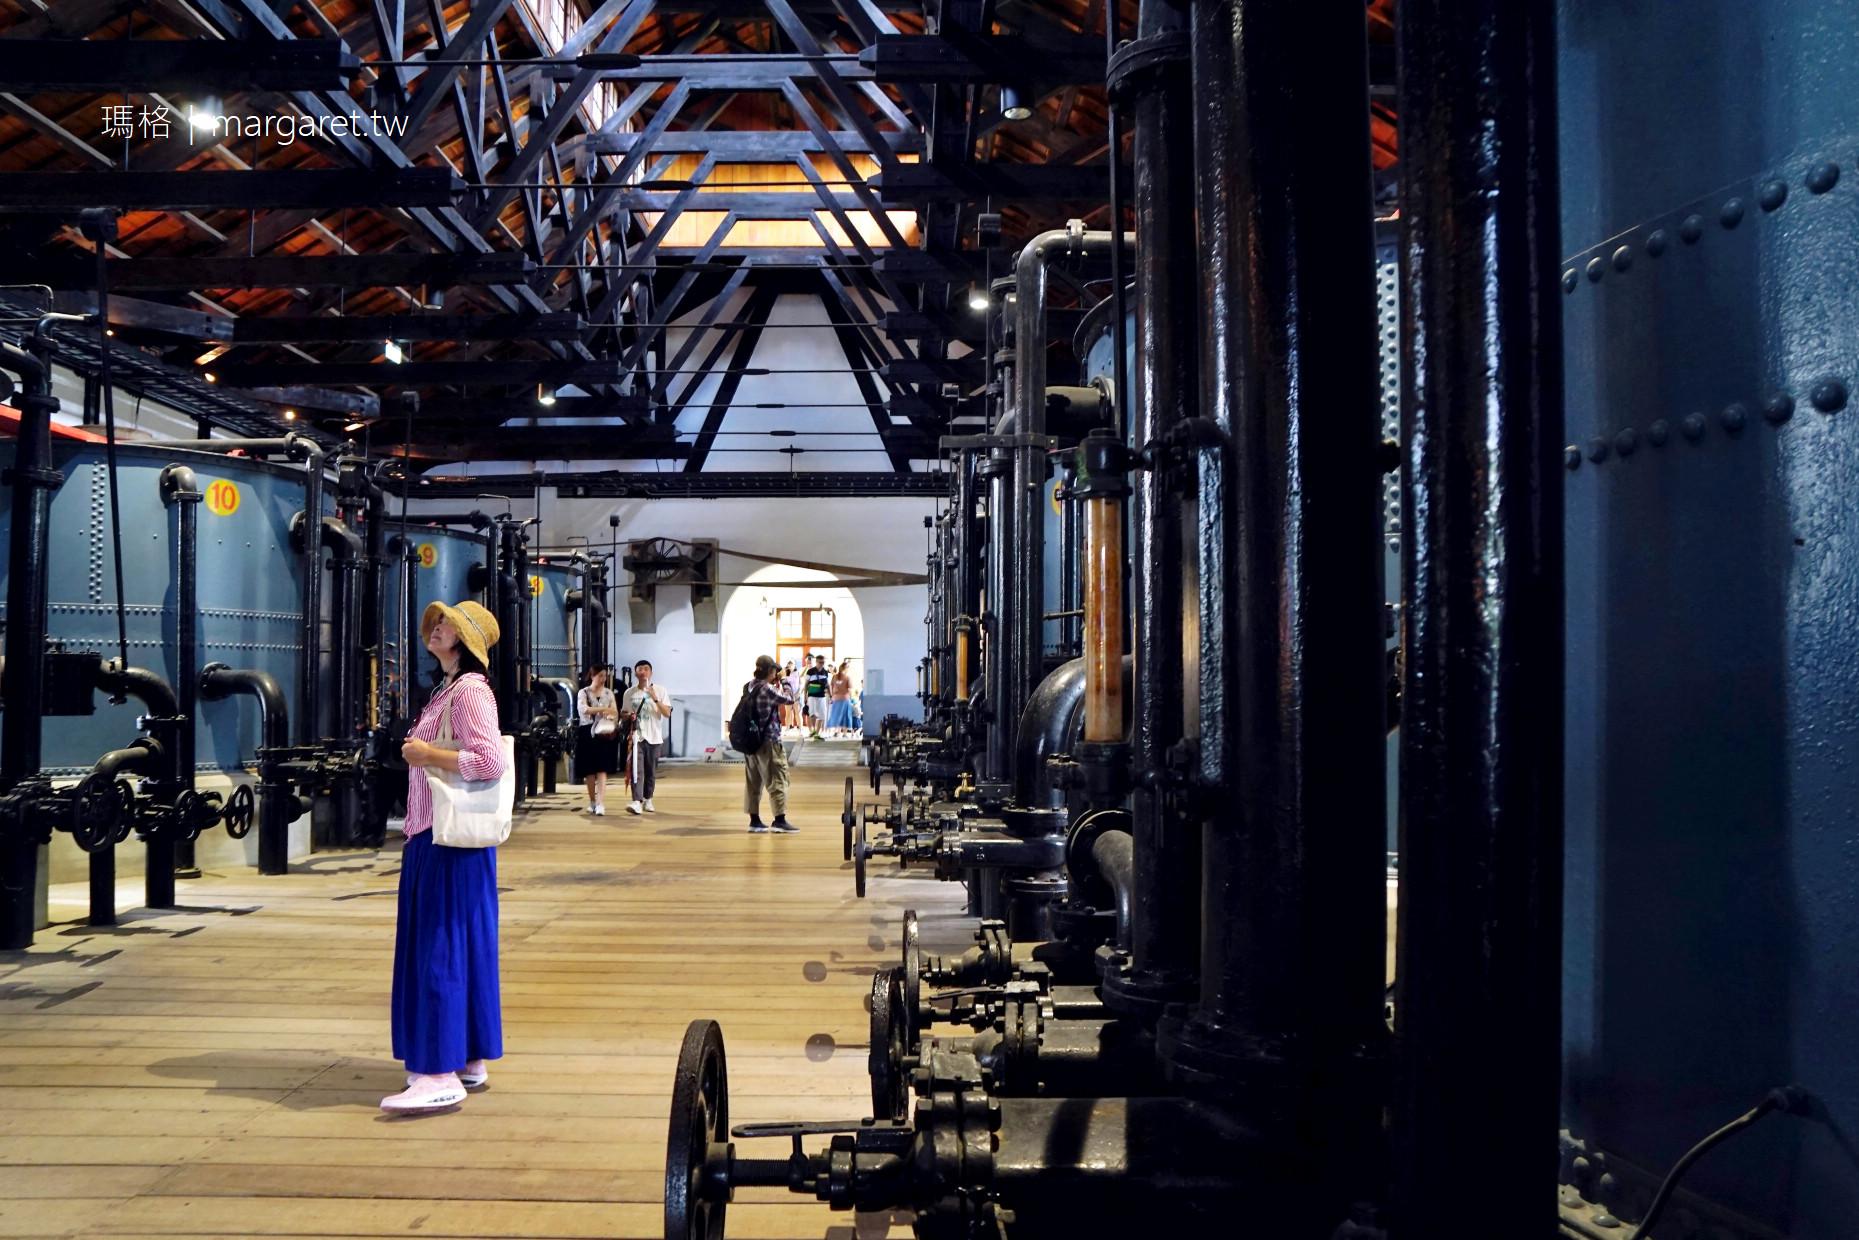 臺南山上花園水道博物館|國定古蹟  x 自然樂園 x 藝術裝置|網路預訂門票打9折 @瑪格。圖寫生活